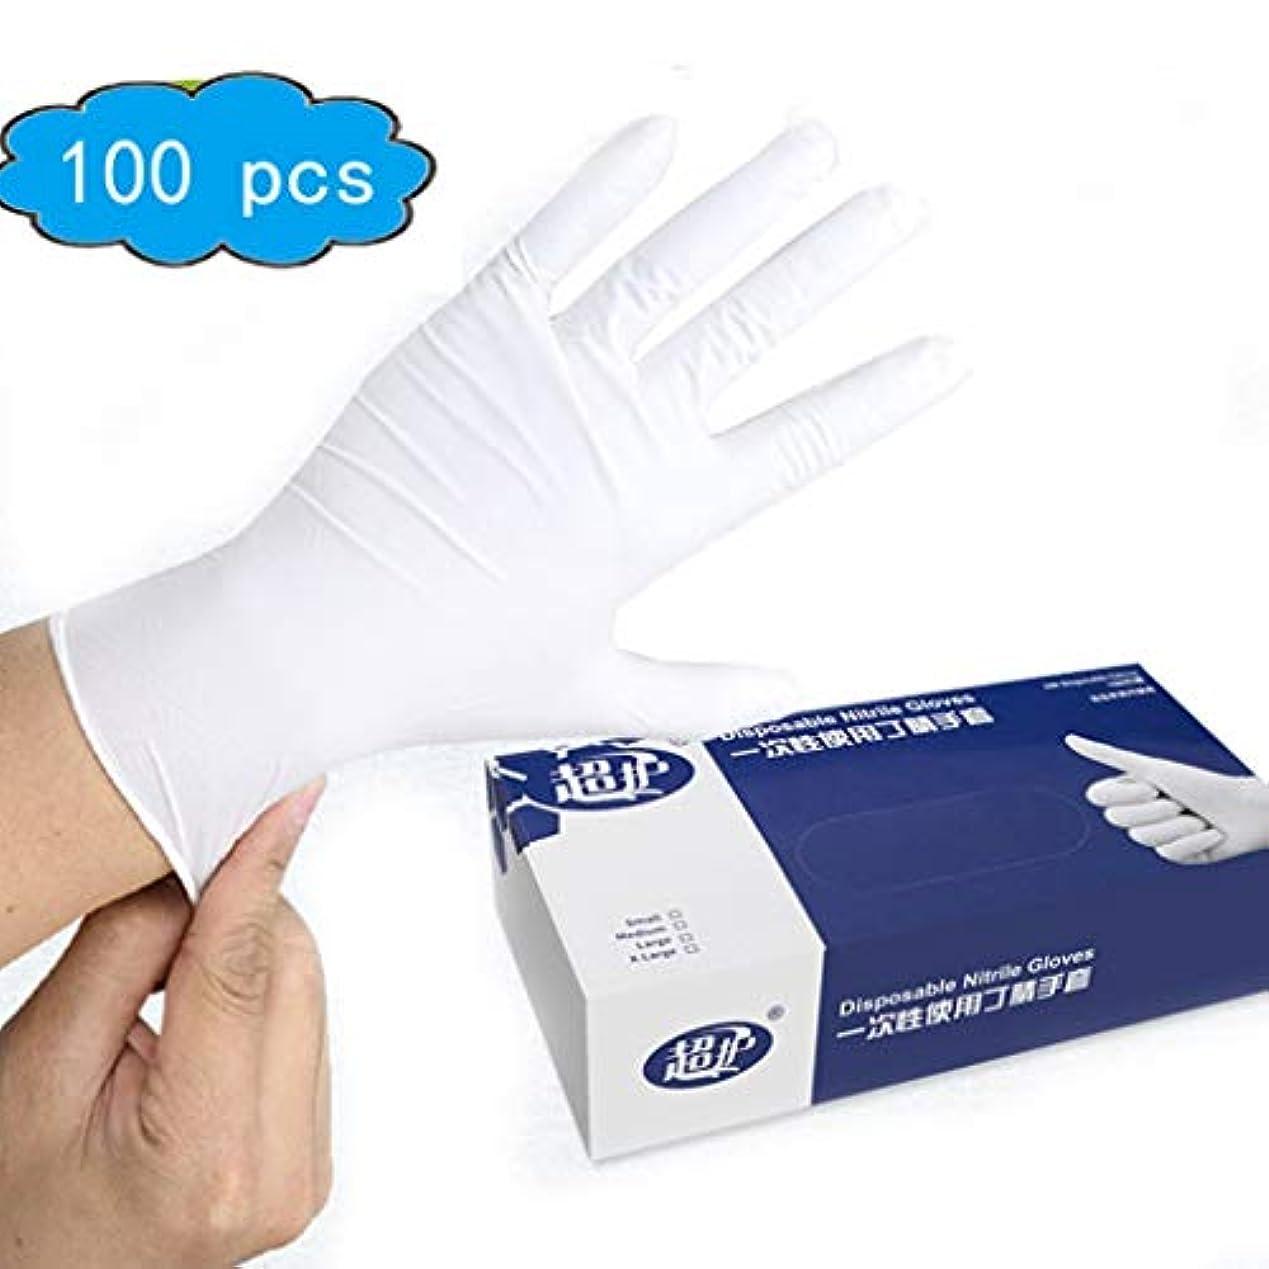 破滅的な団結塊ニトリル手袋 - ラテックスフリー、パウダーフリー、非滅菌、衛生手袋、100のボックス (Color : White, Size : S)